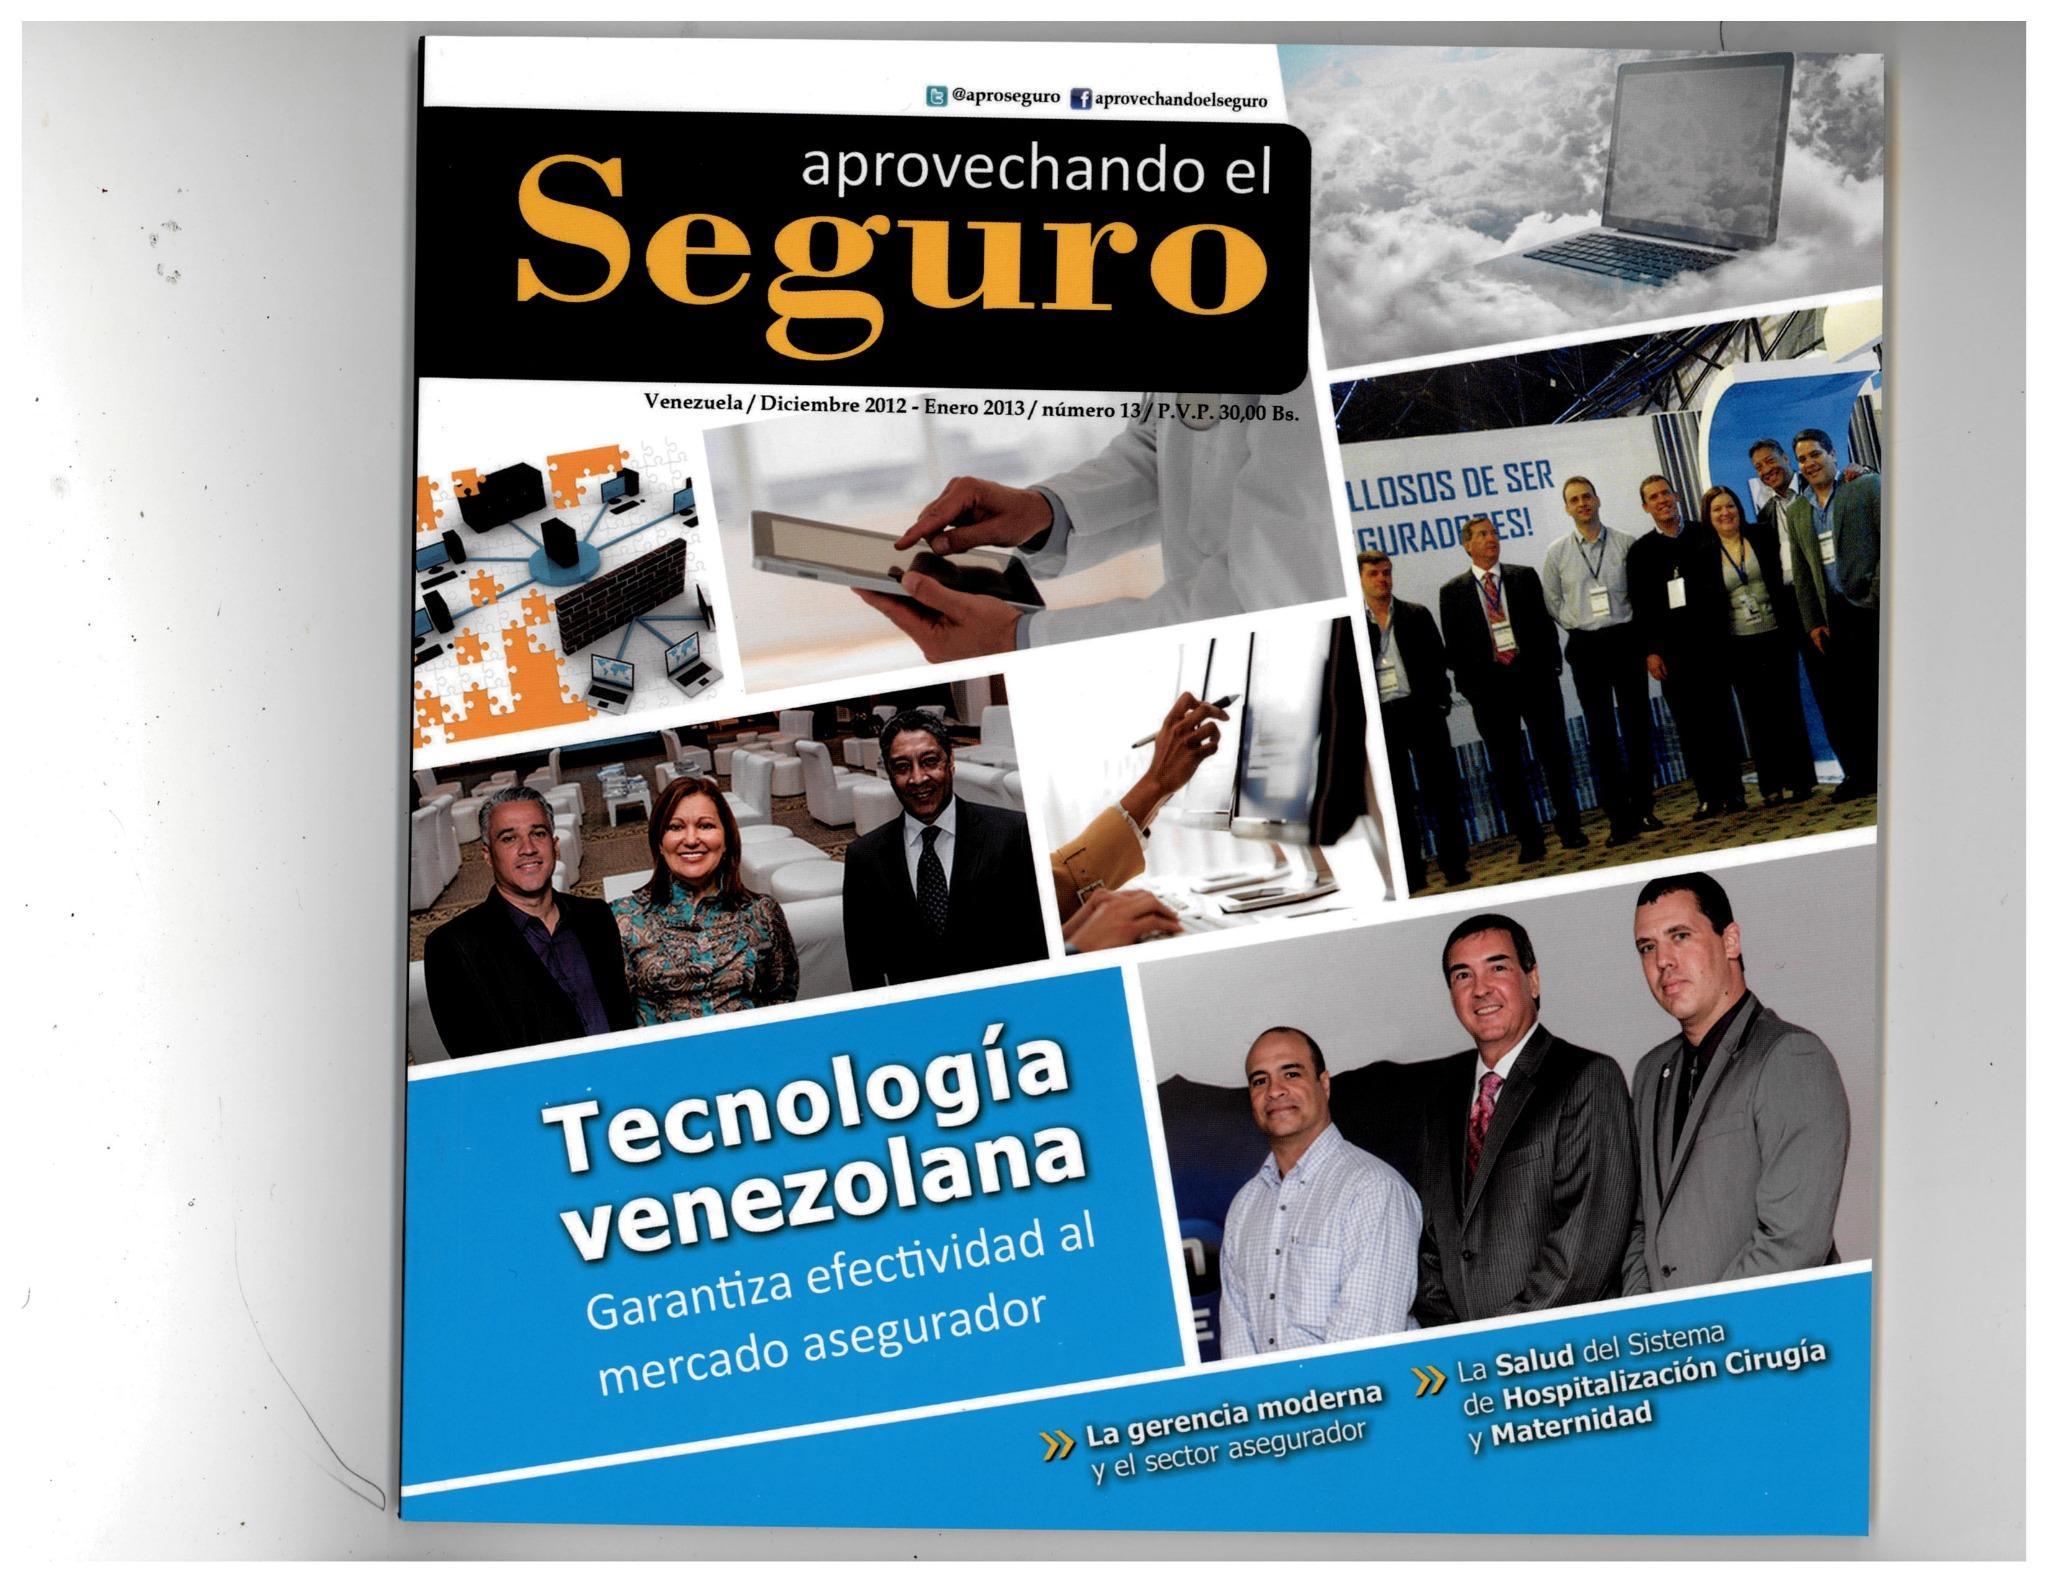 Este mes conoce más de H-Connexum tecnología venezolana en @aproSeguro. http://t.co/fyAq4aDL